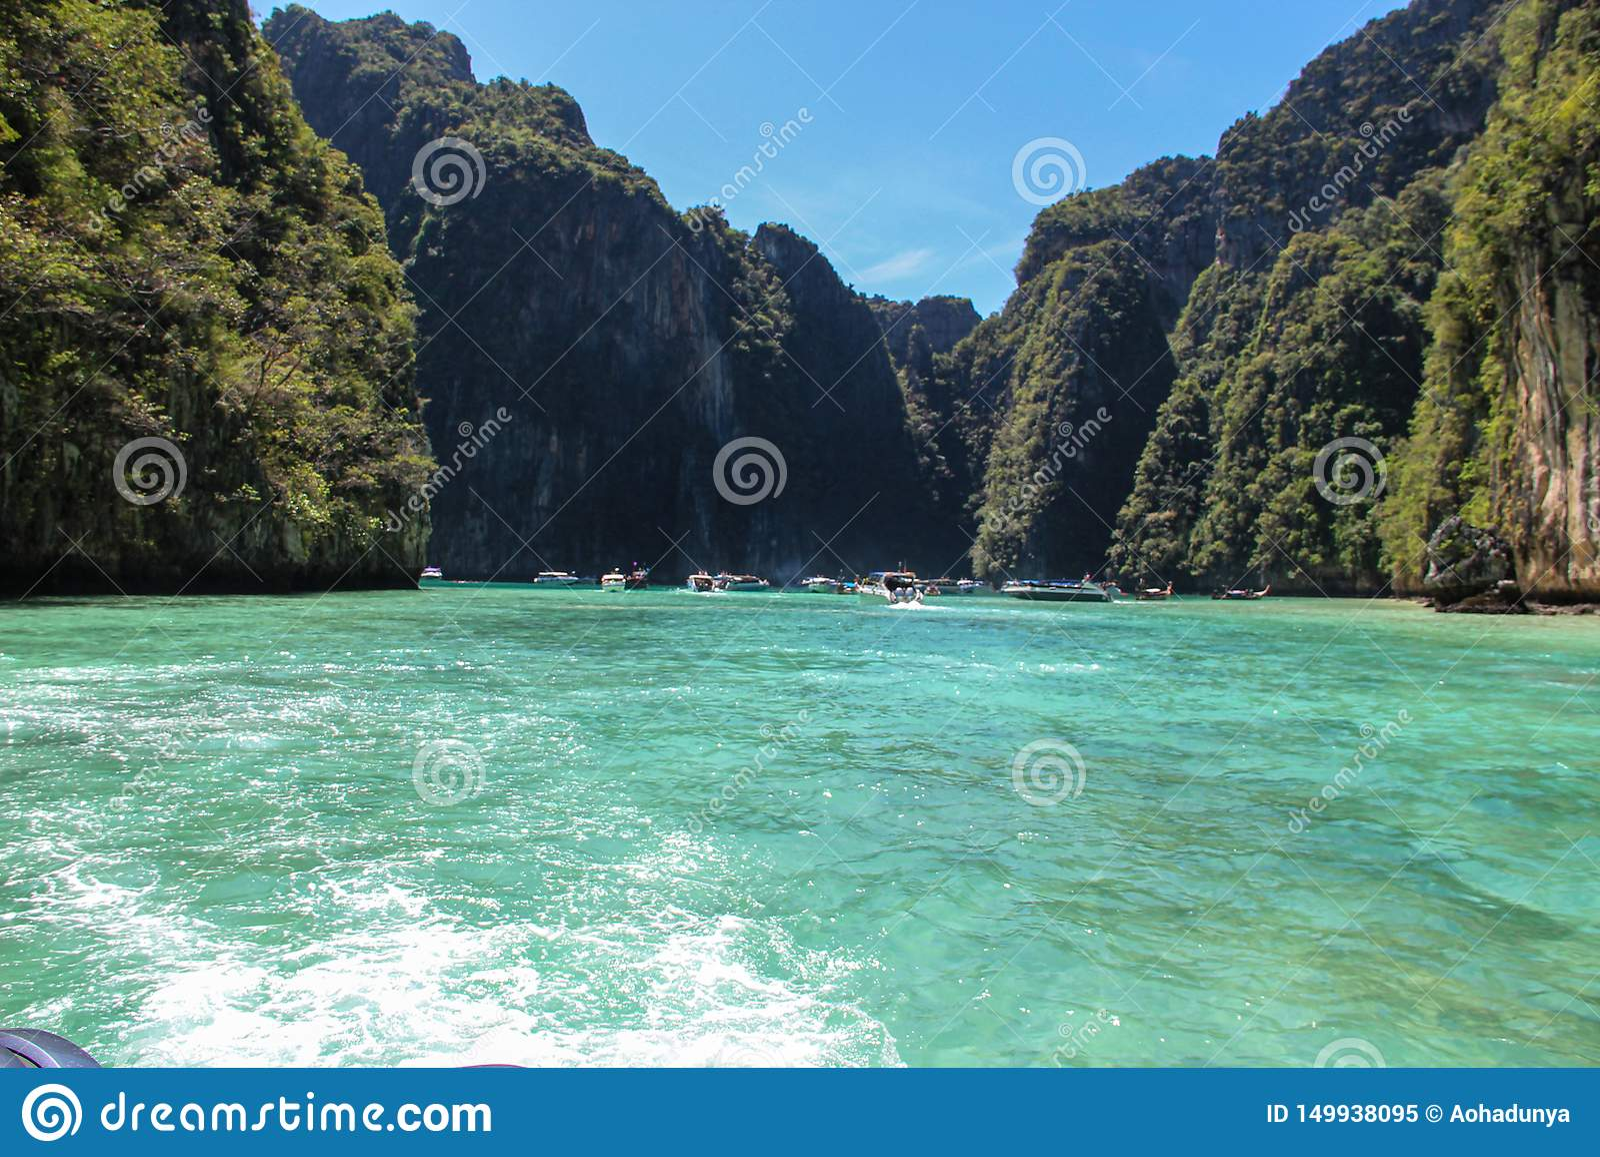 Волны быстроходного катера в Gulf of Thailand